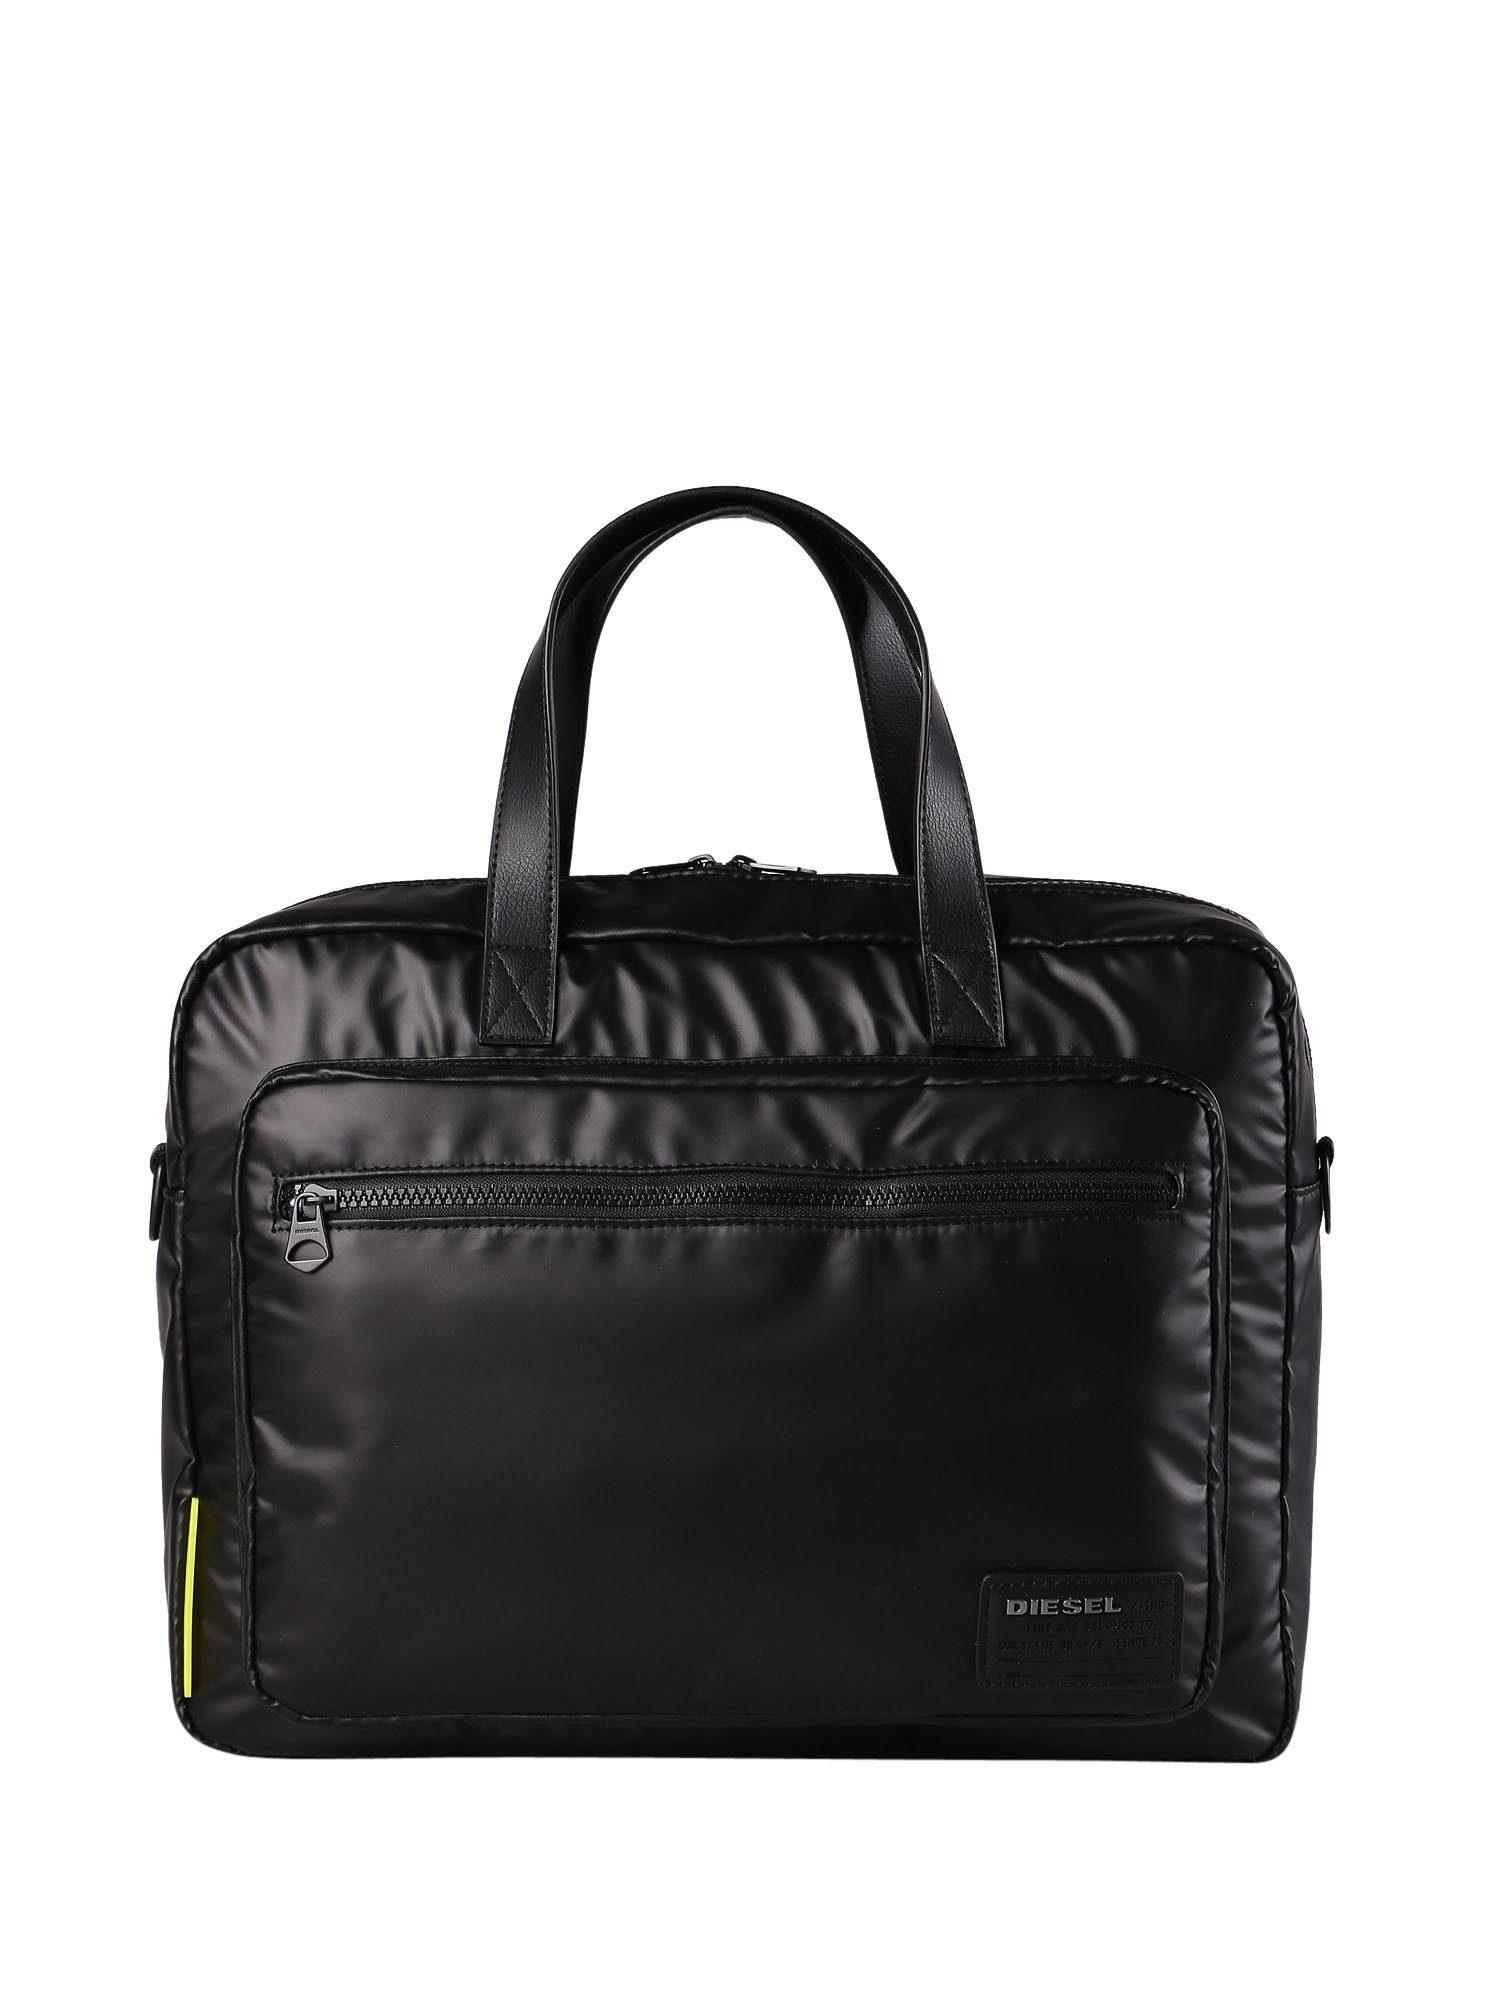 Diesel Messenger Bag »DISCOVER BRIEFCASE«, mit gepolstertem Laptopfach